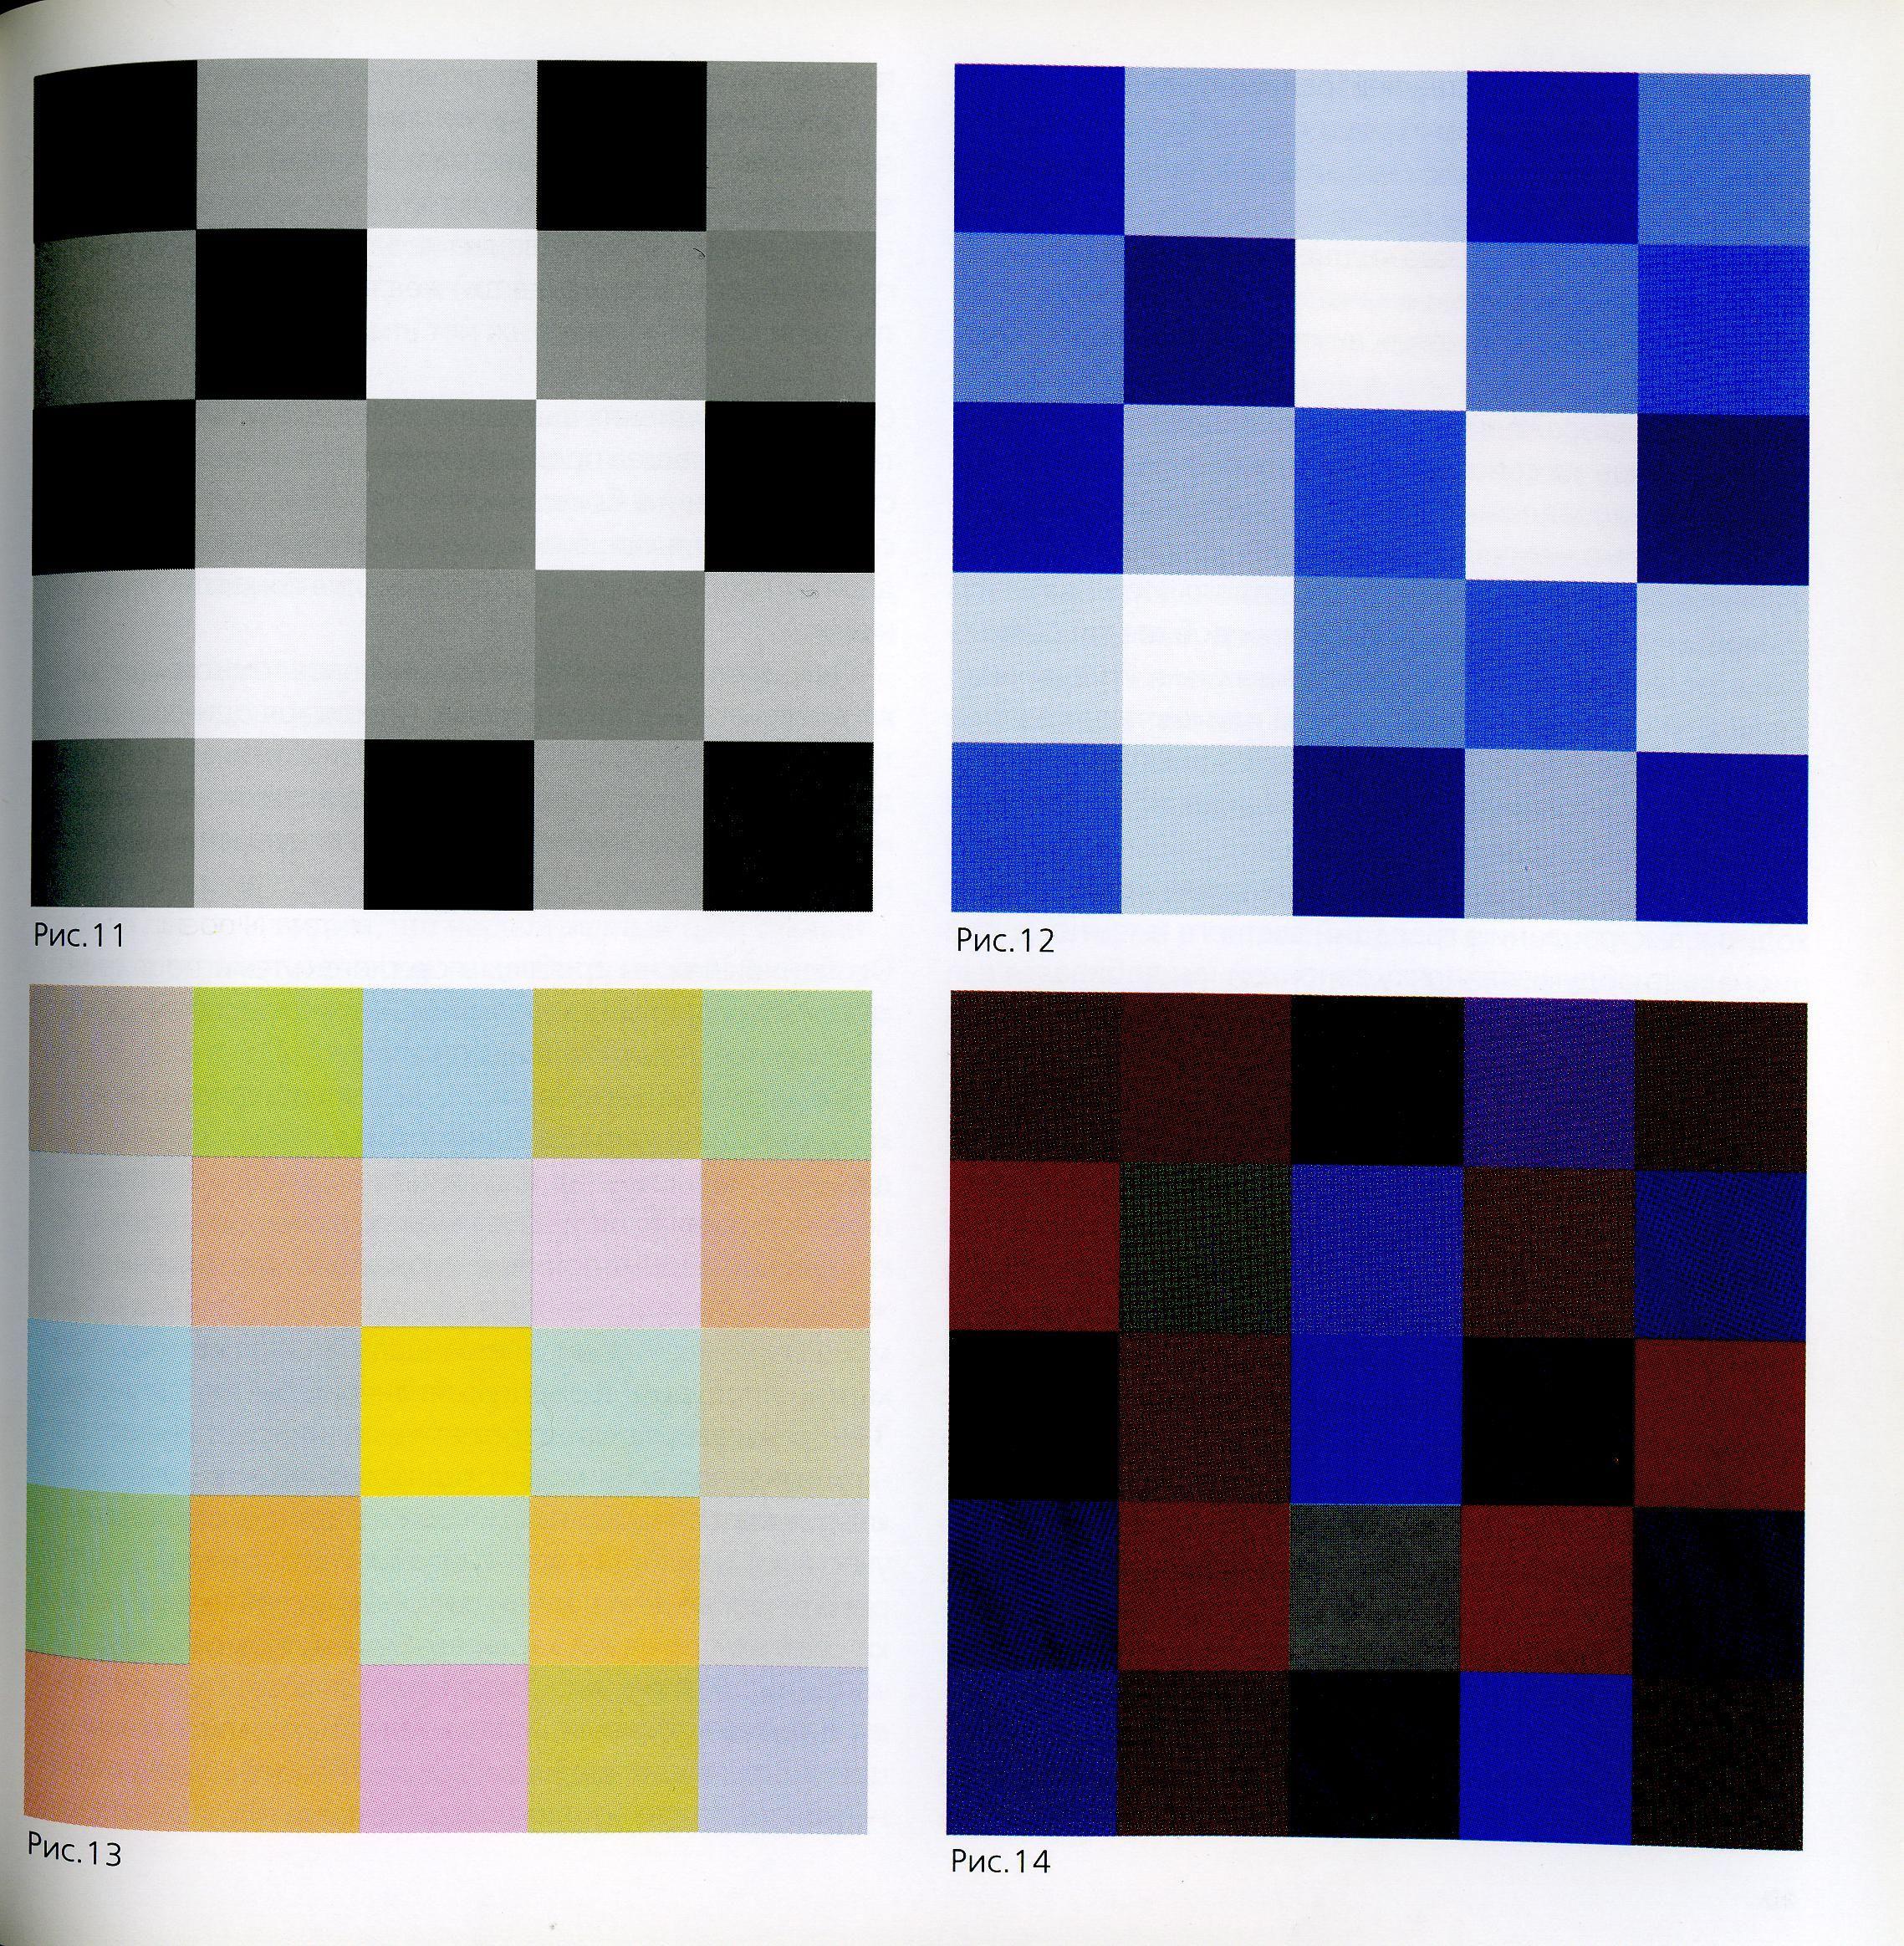 Как работать с цветом в кинокадре: 8 правил цветовой композиции